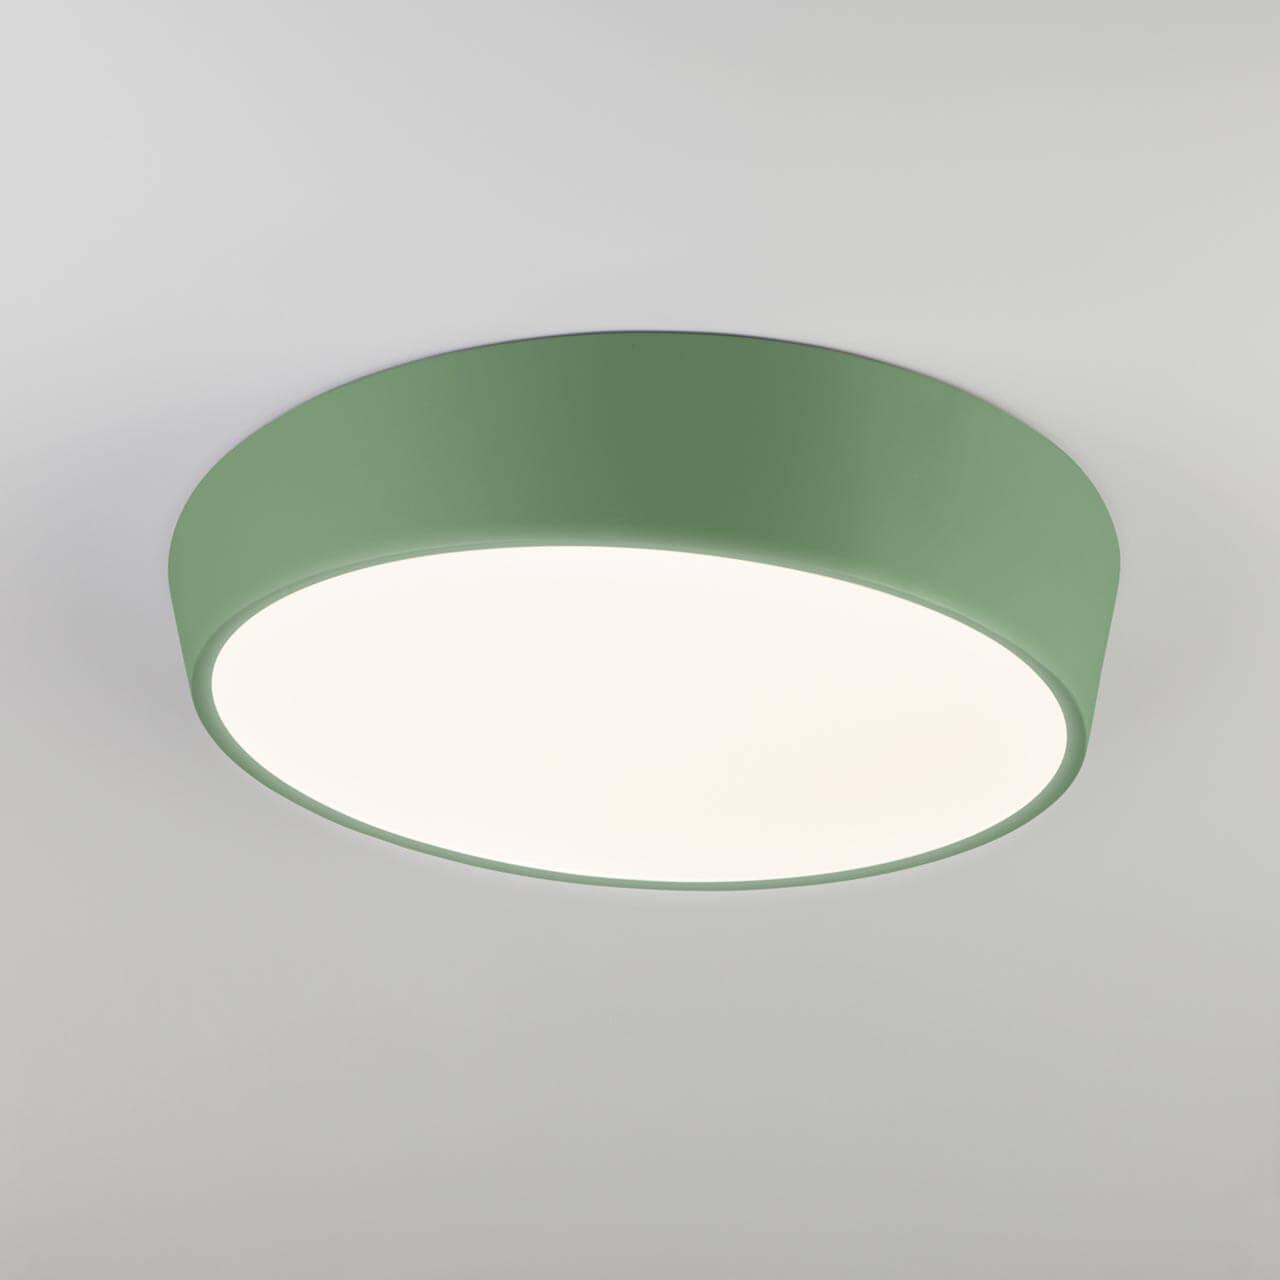 Потолочный светильник Eurosvet 90113/1 зеленый, зеленый